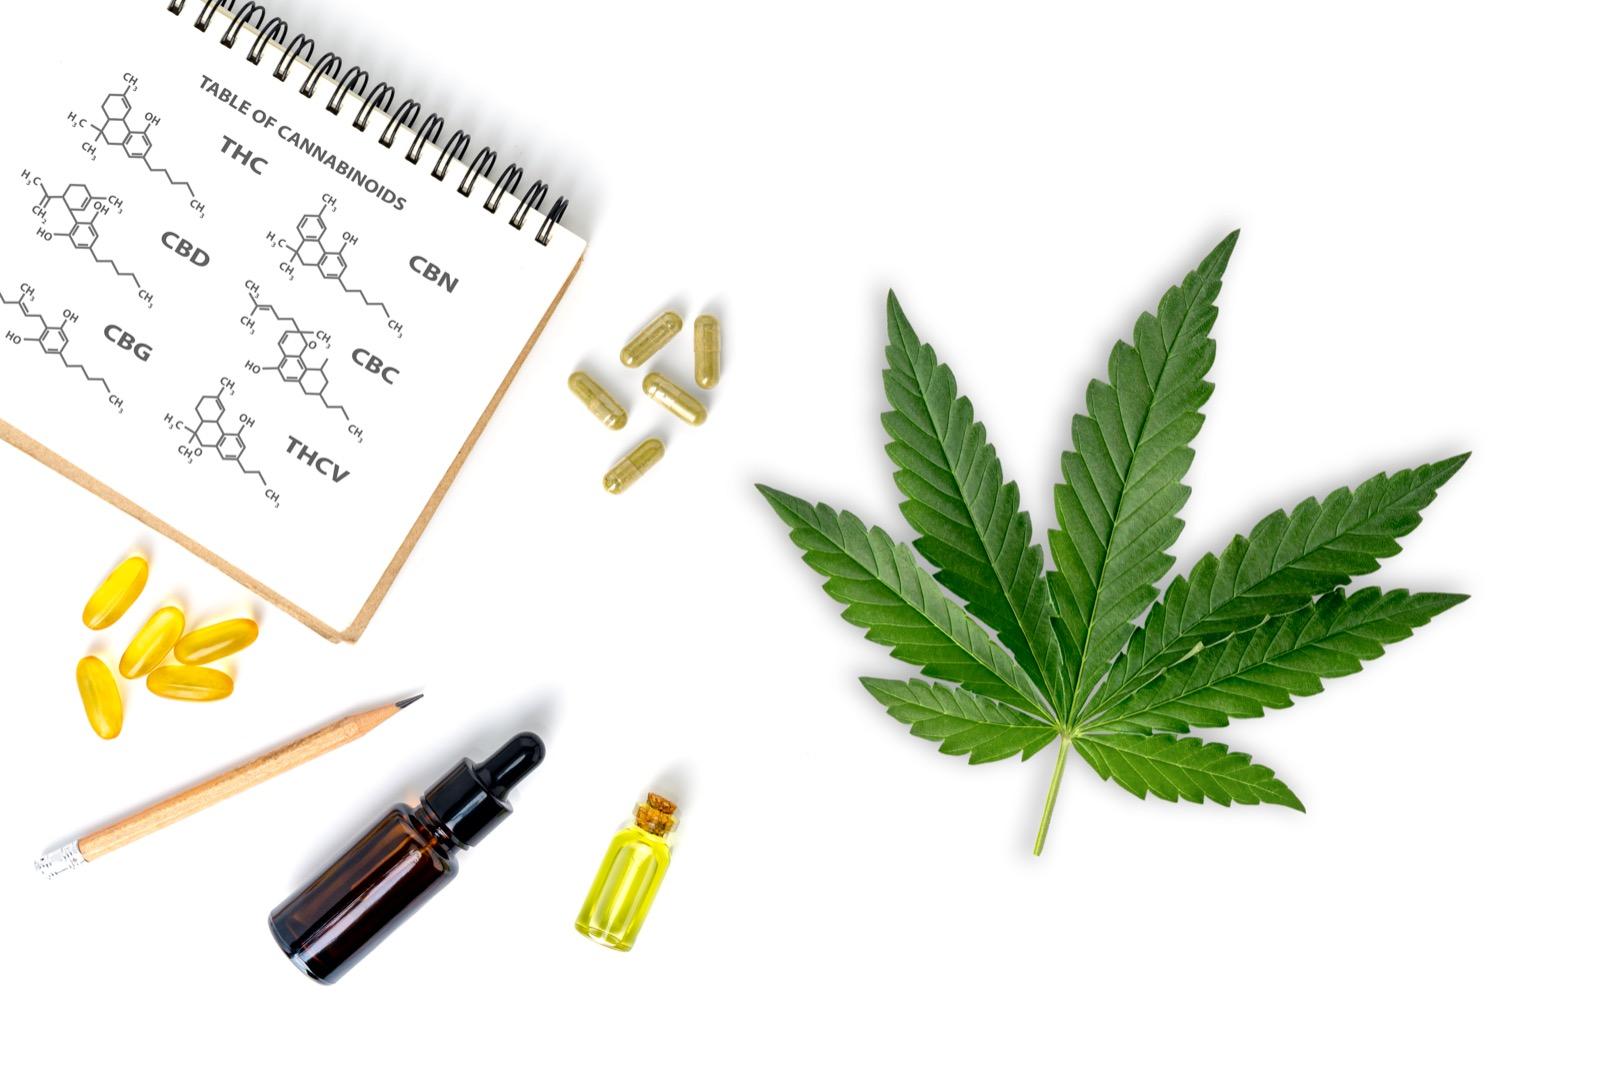 Δ-9 TETRAHY DROCANNABINOL OR THC